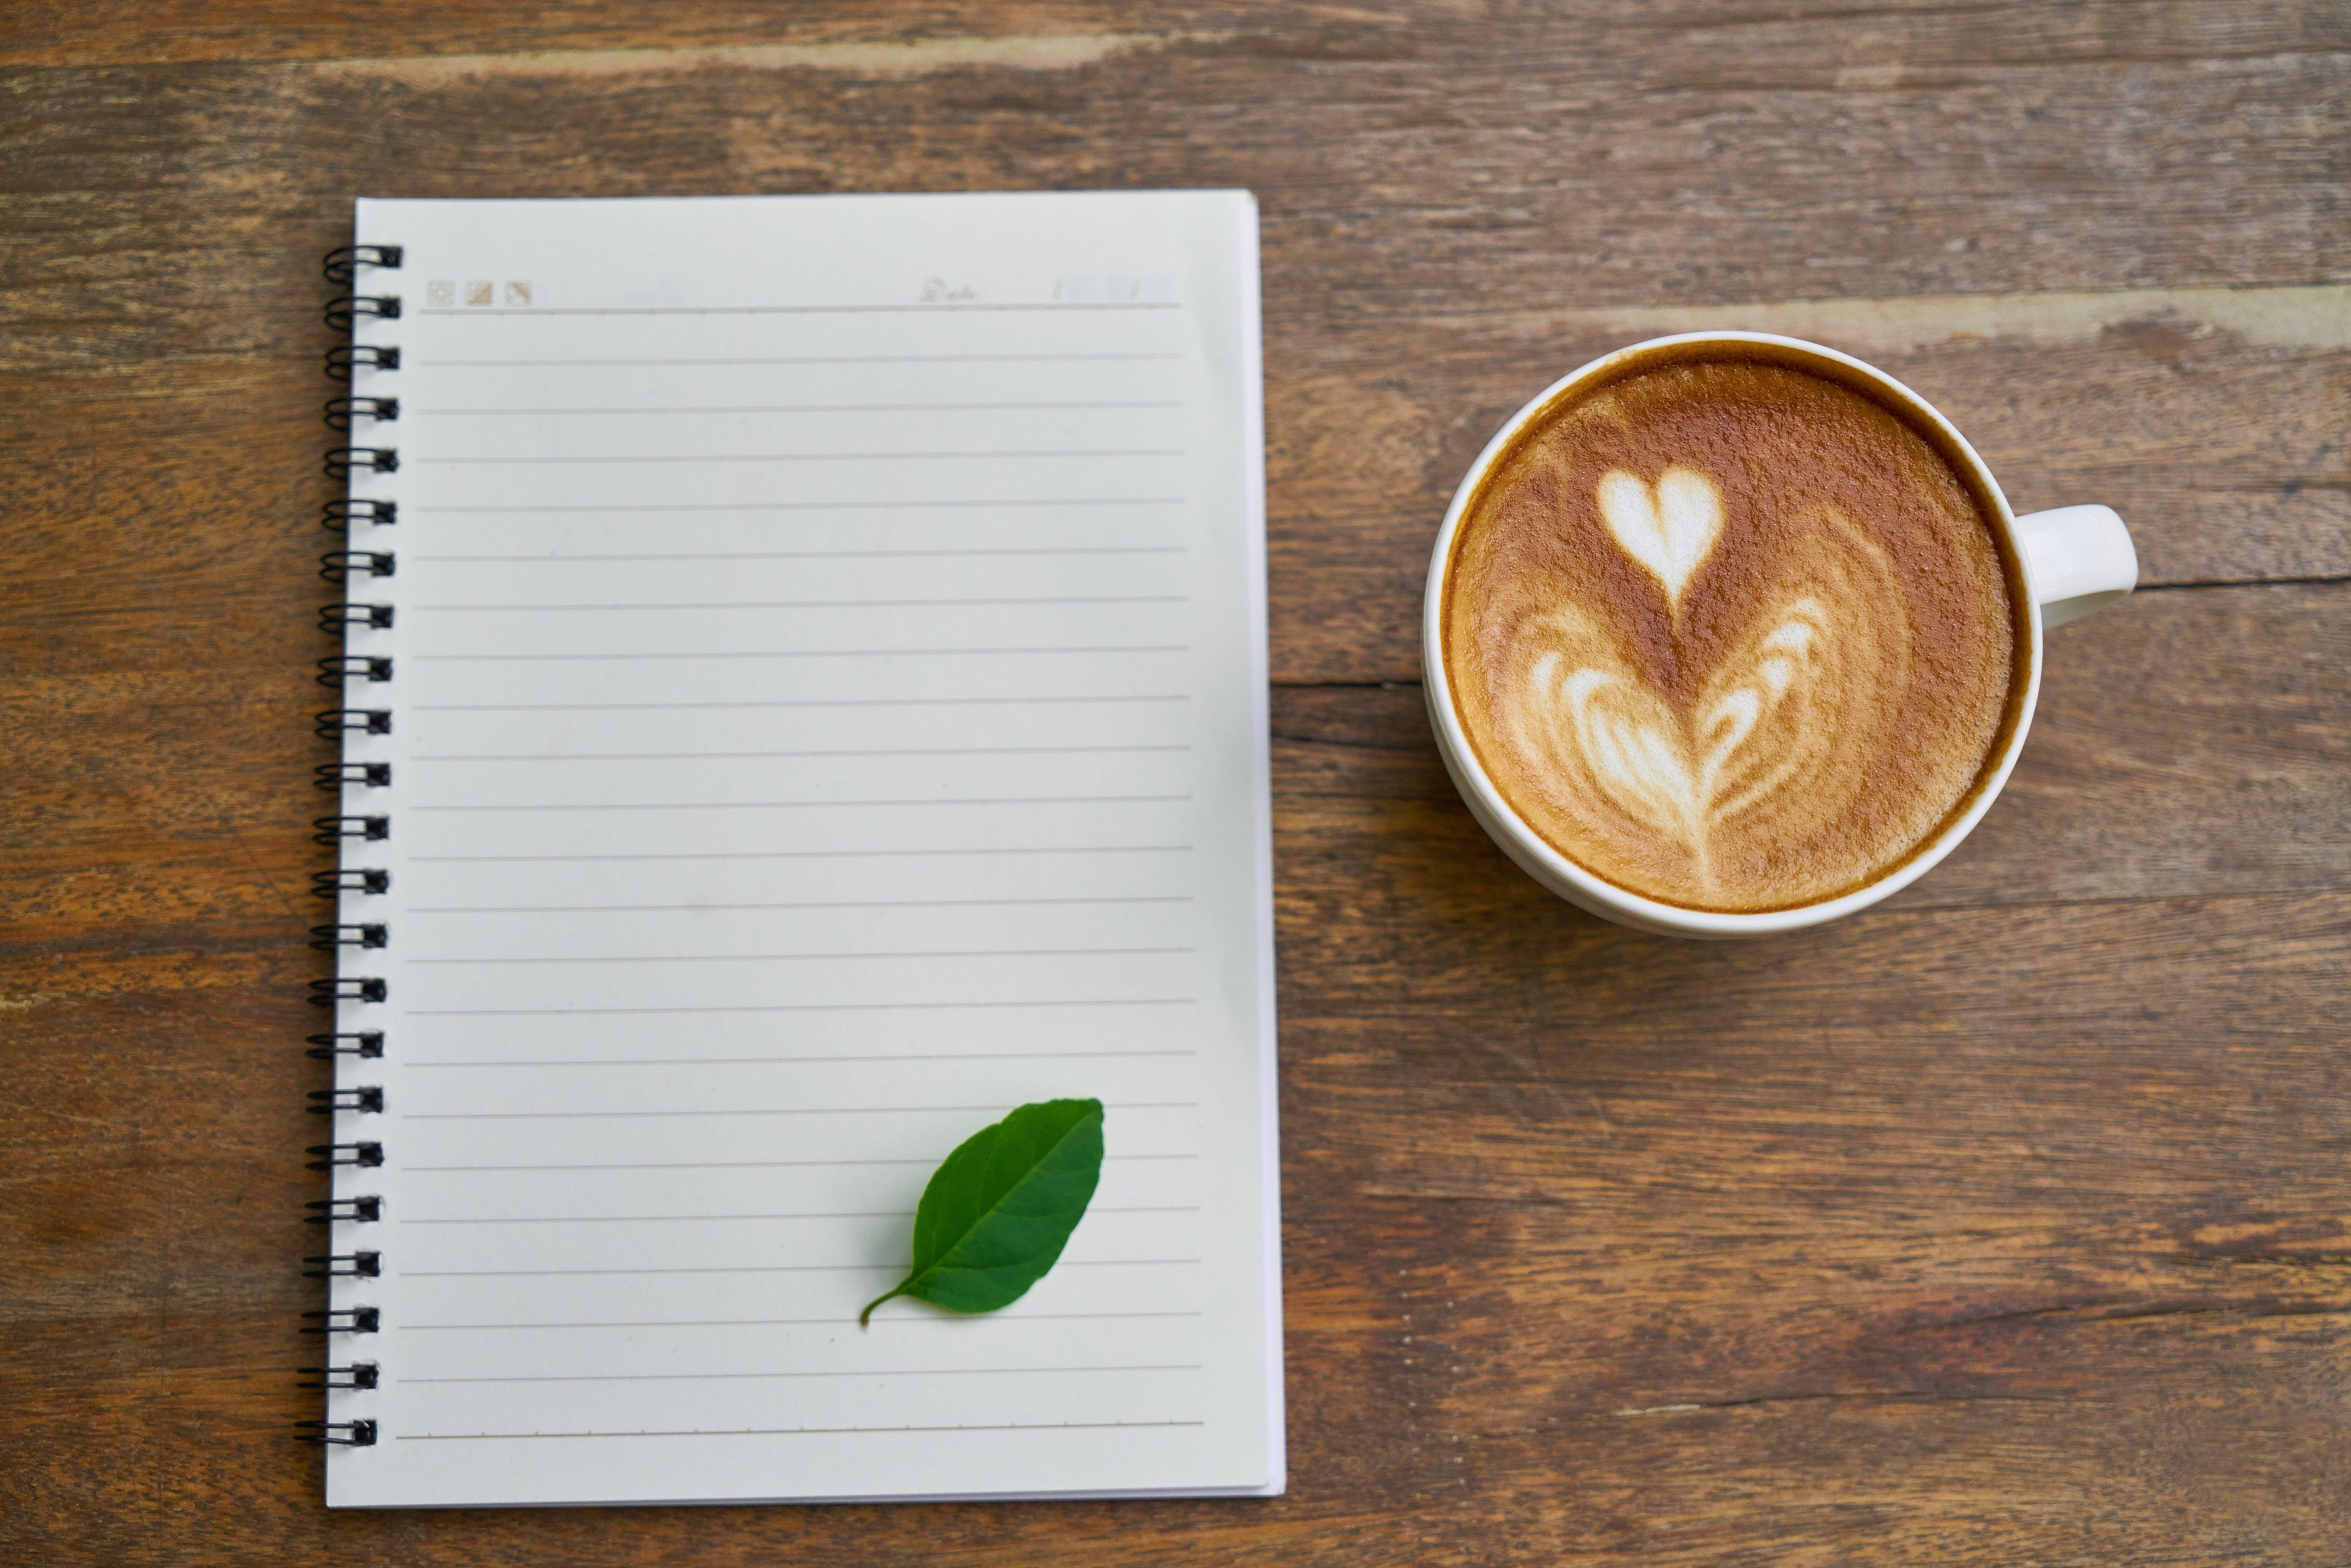 arbeit, braun, cappuccino